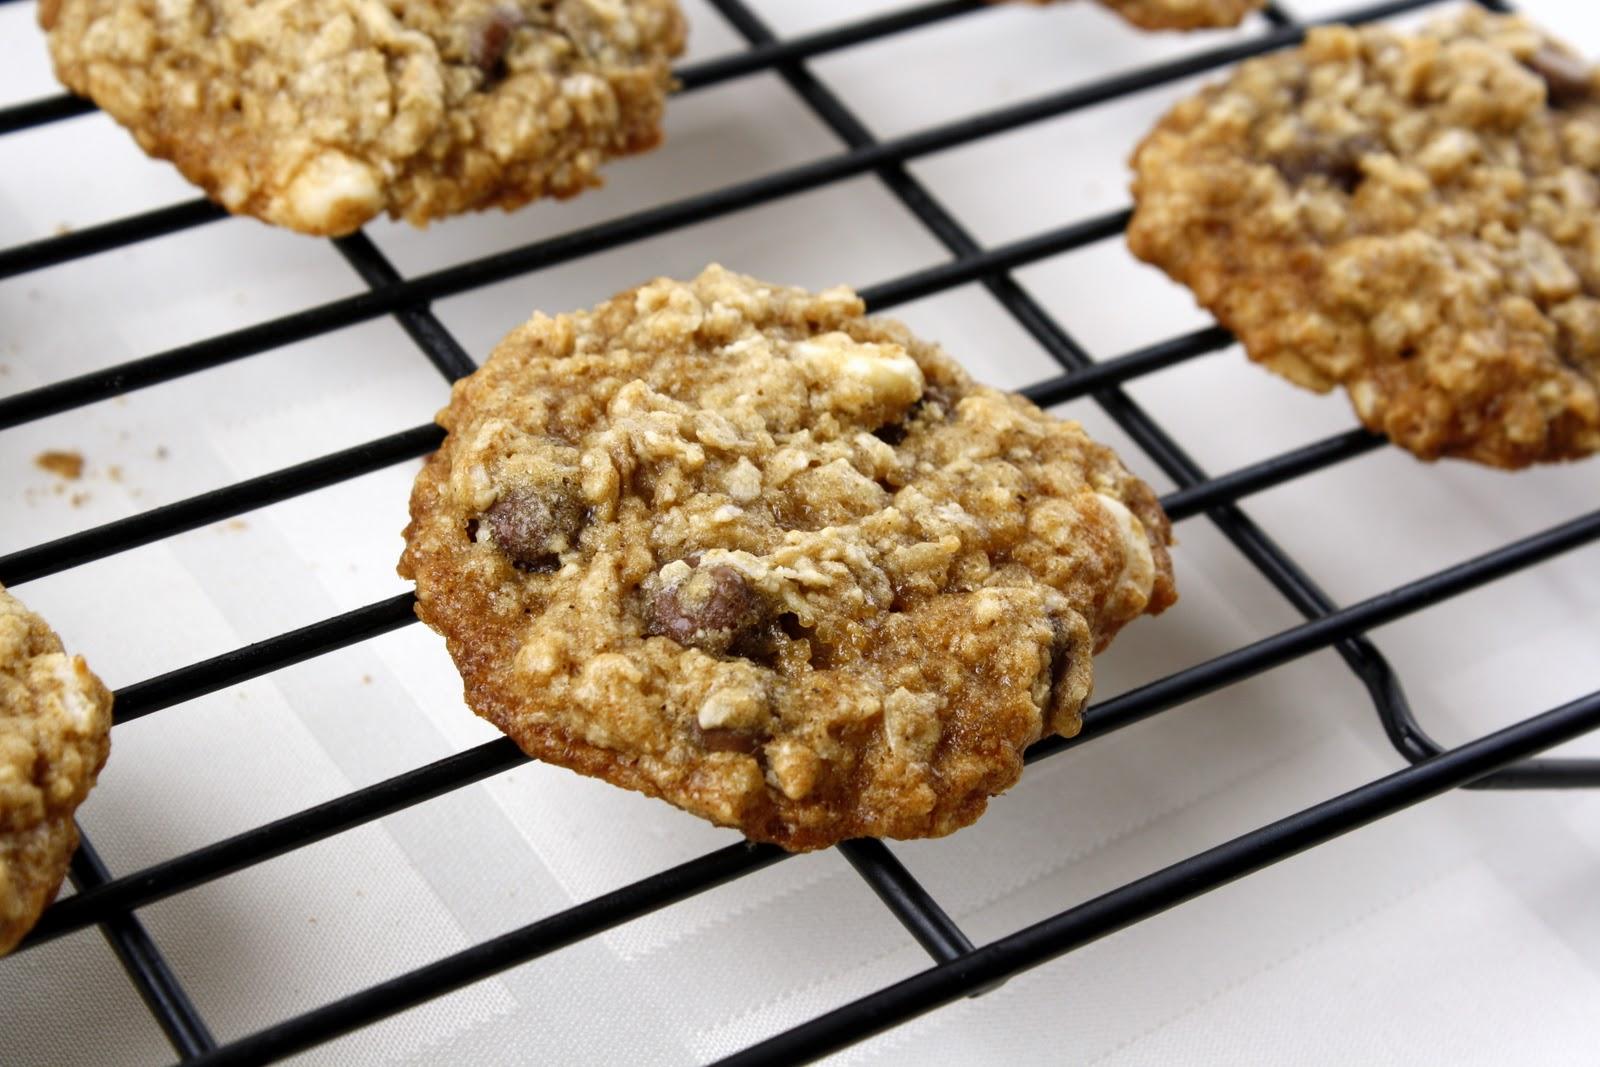 Smitten Kitchen White Chocolate Chip Cookies